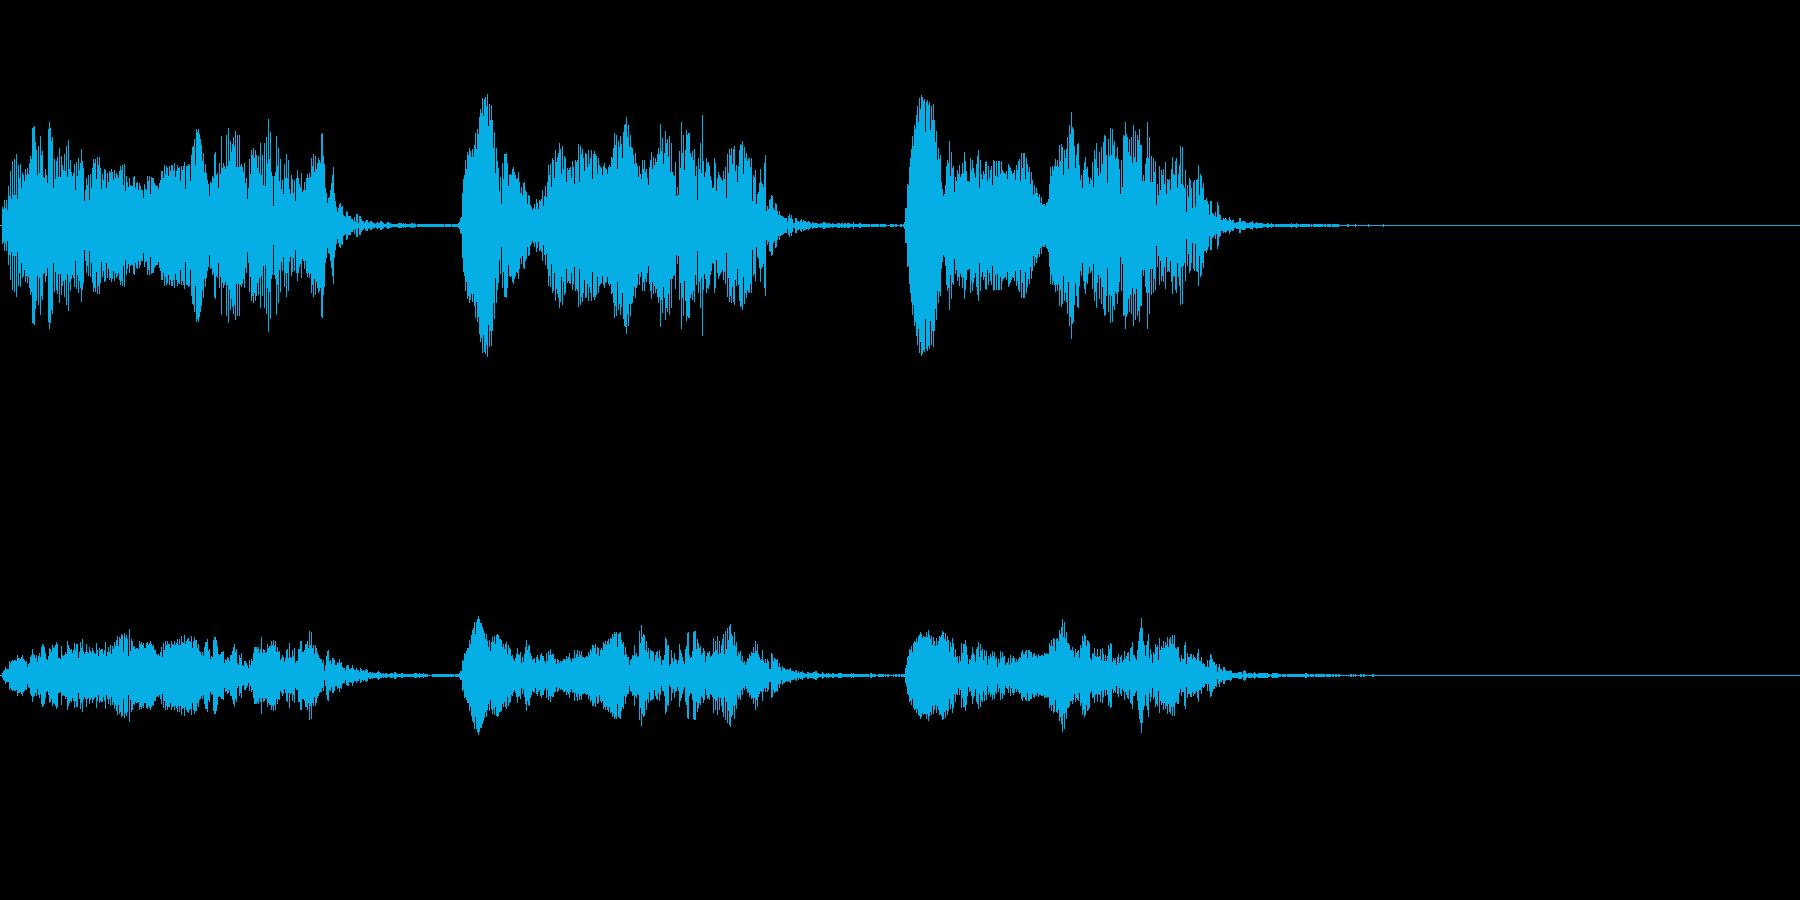 【生録音】カラスの鳴く音2 カーカーカーの再生済みの波形